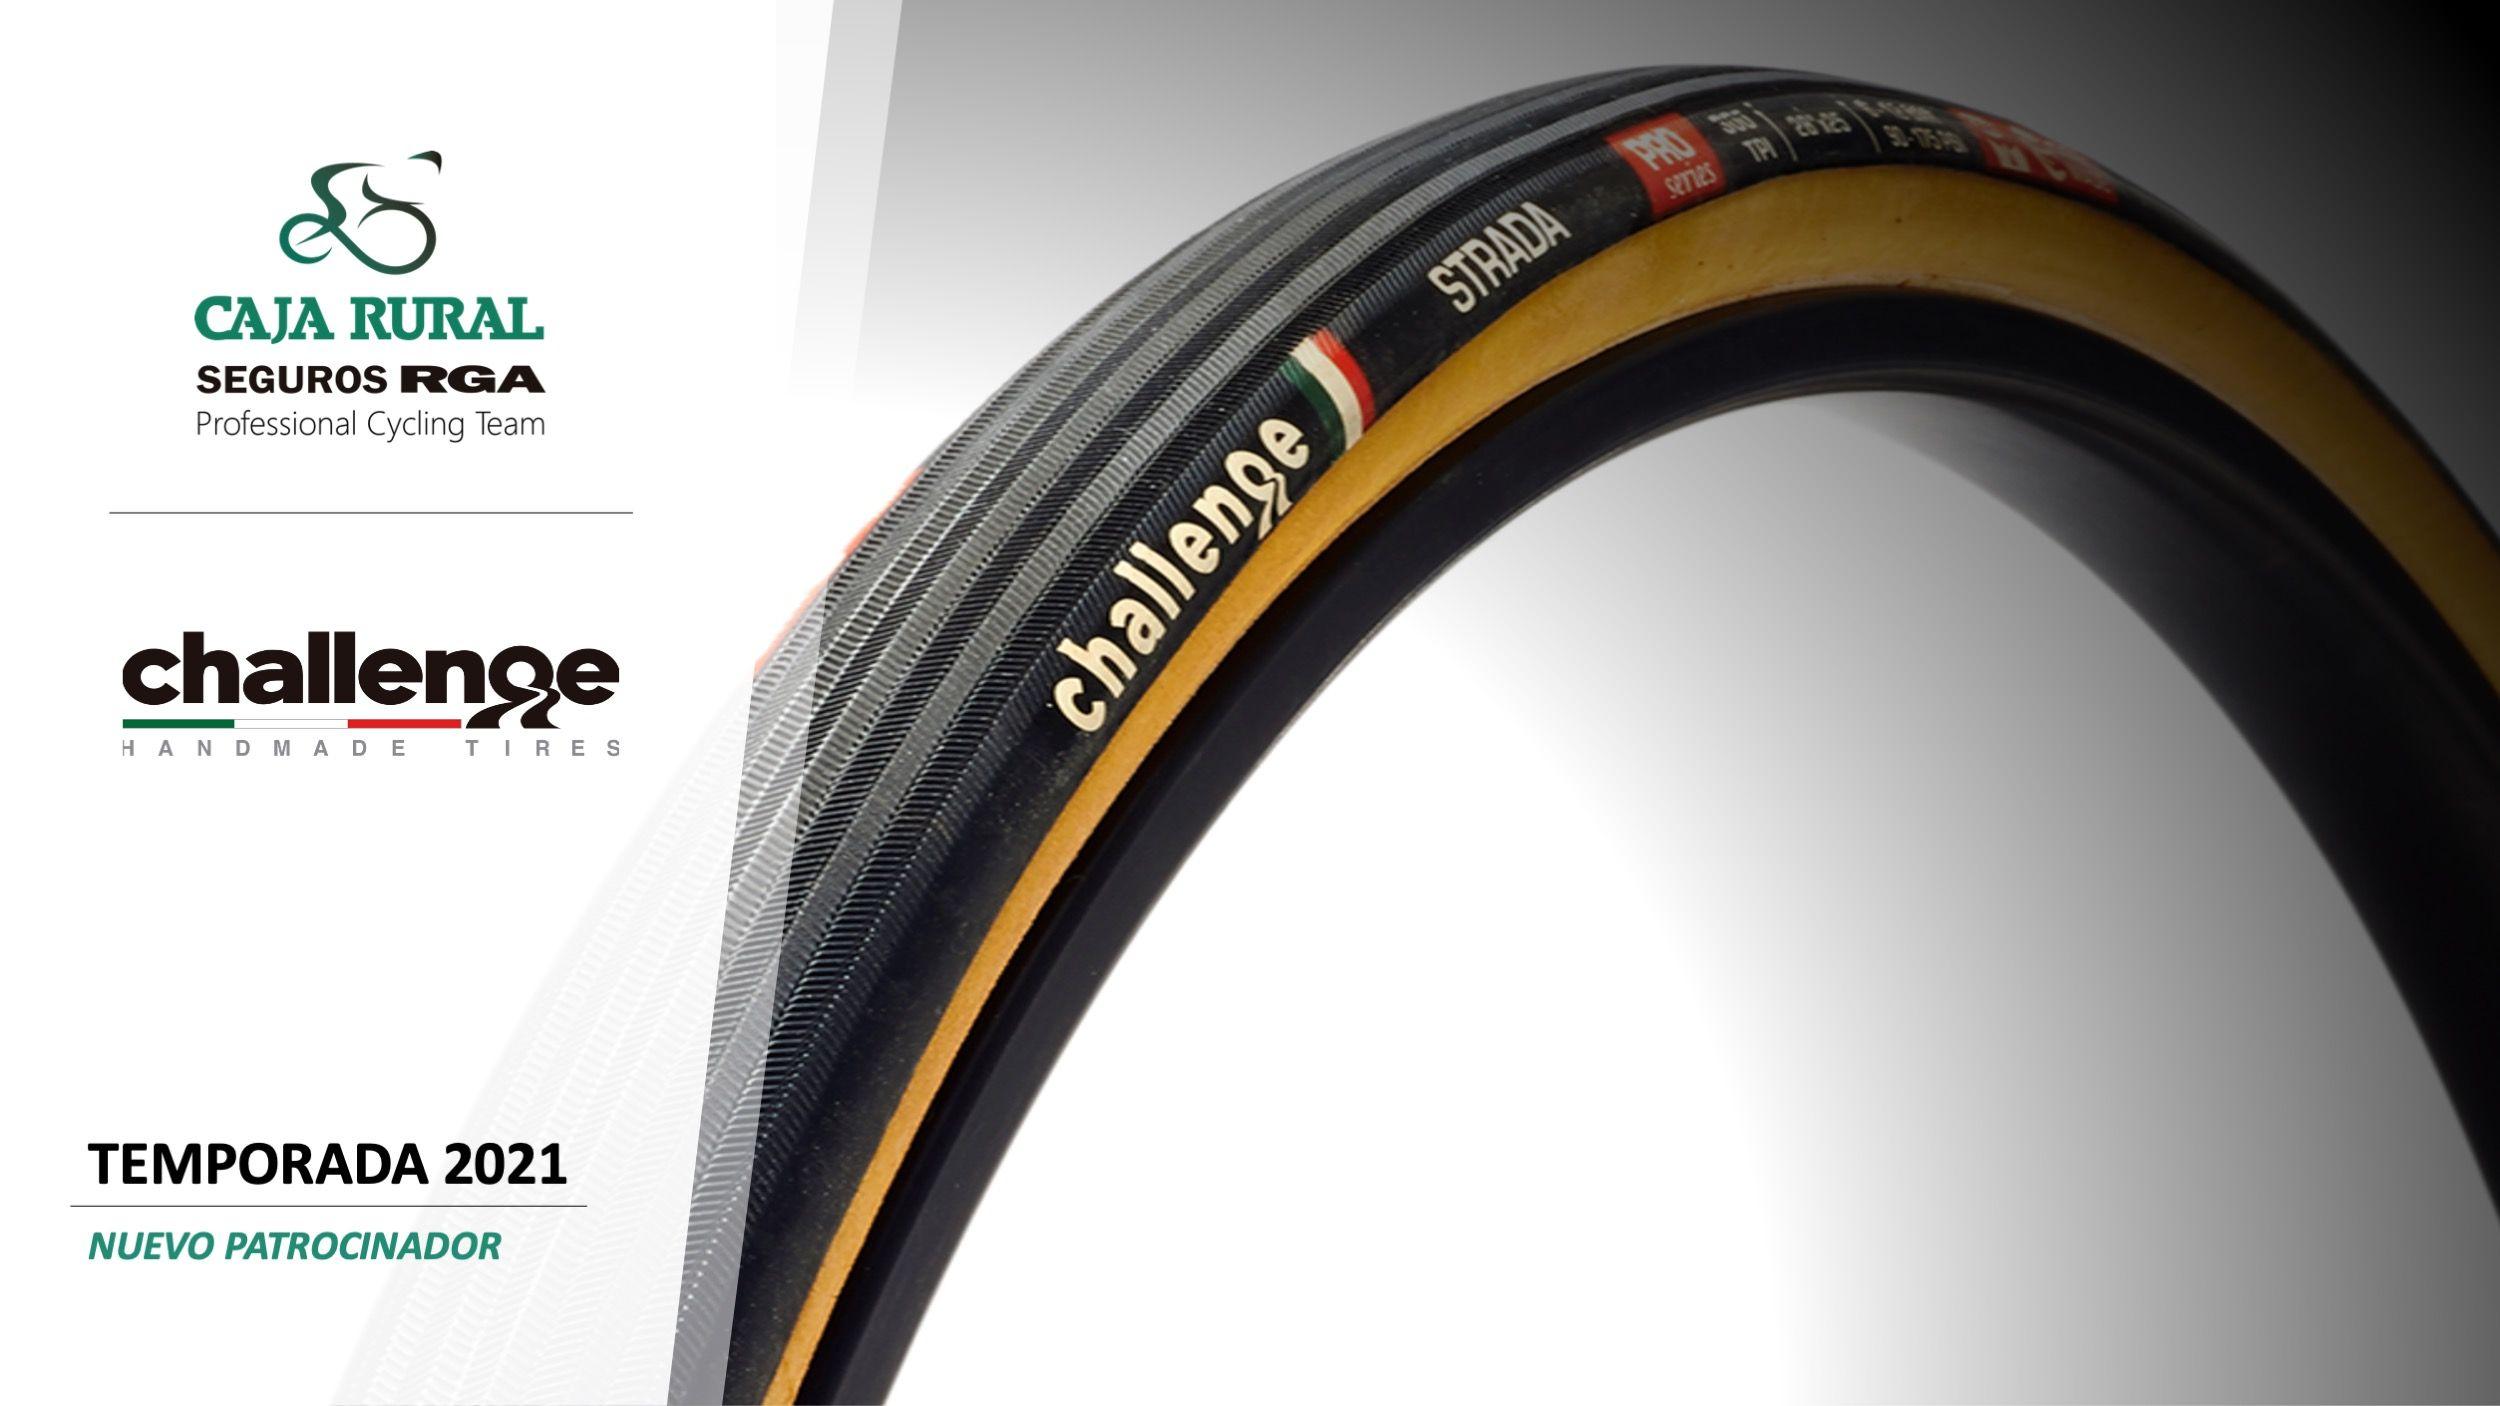 Challenge Tires se une a Caja Rural-Seguros RGA